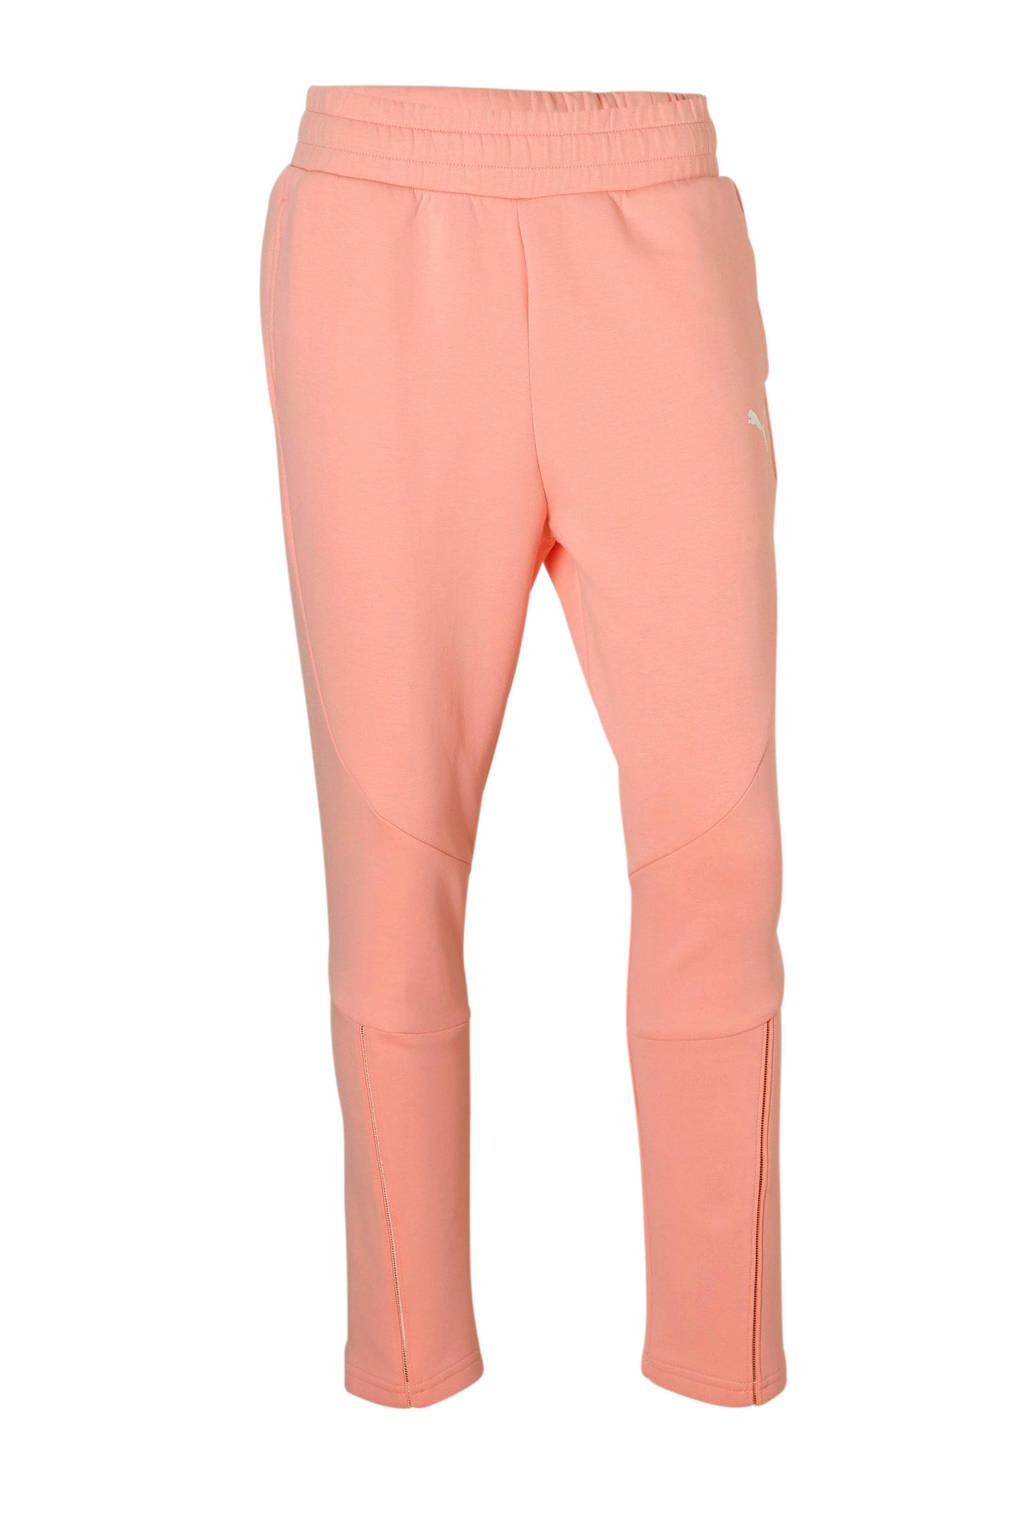 Puma 7/8 joggingbroek roze, Roze